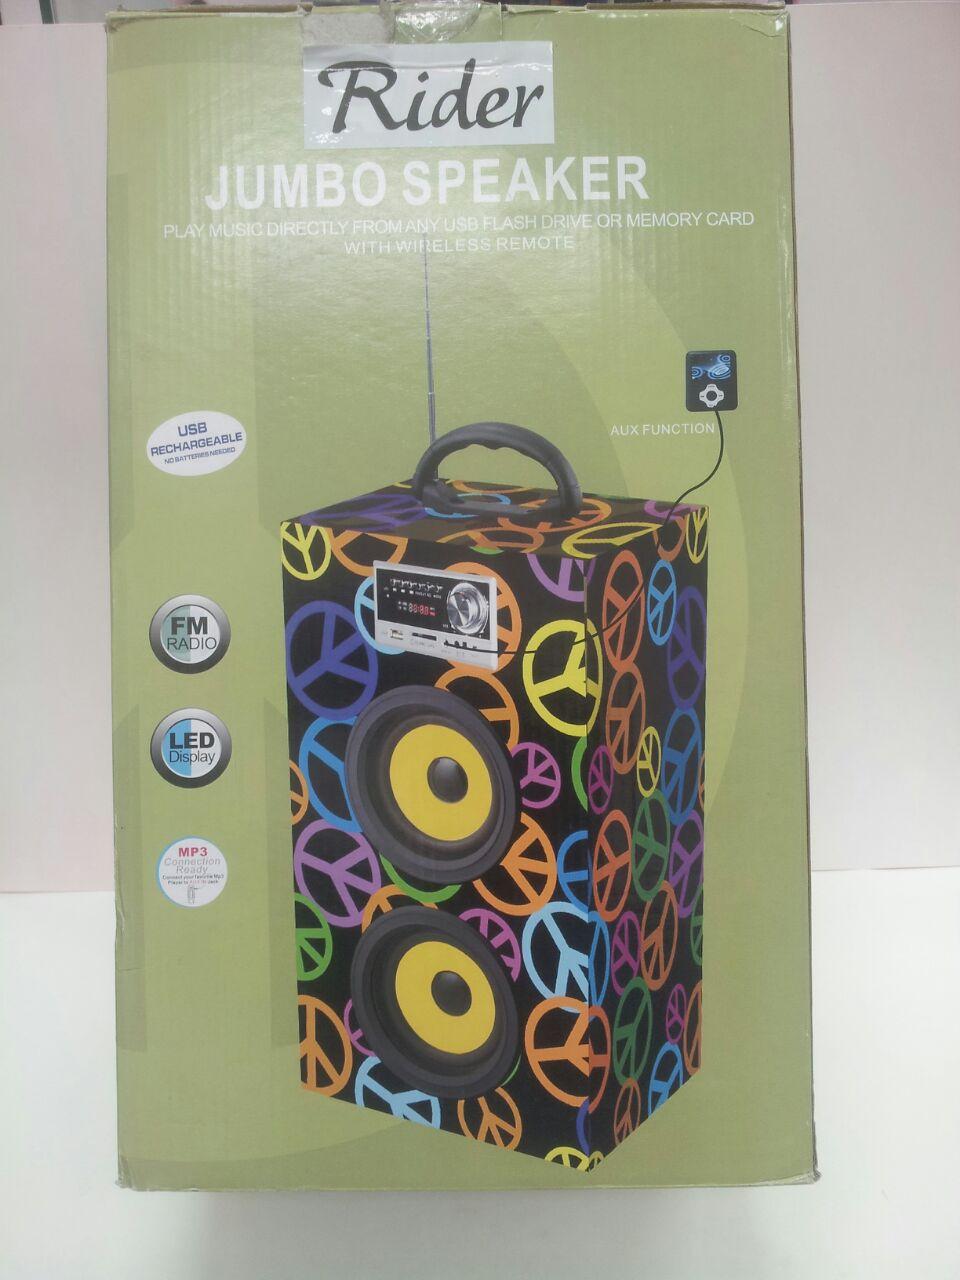 JUMBO SPEAKER